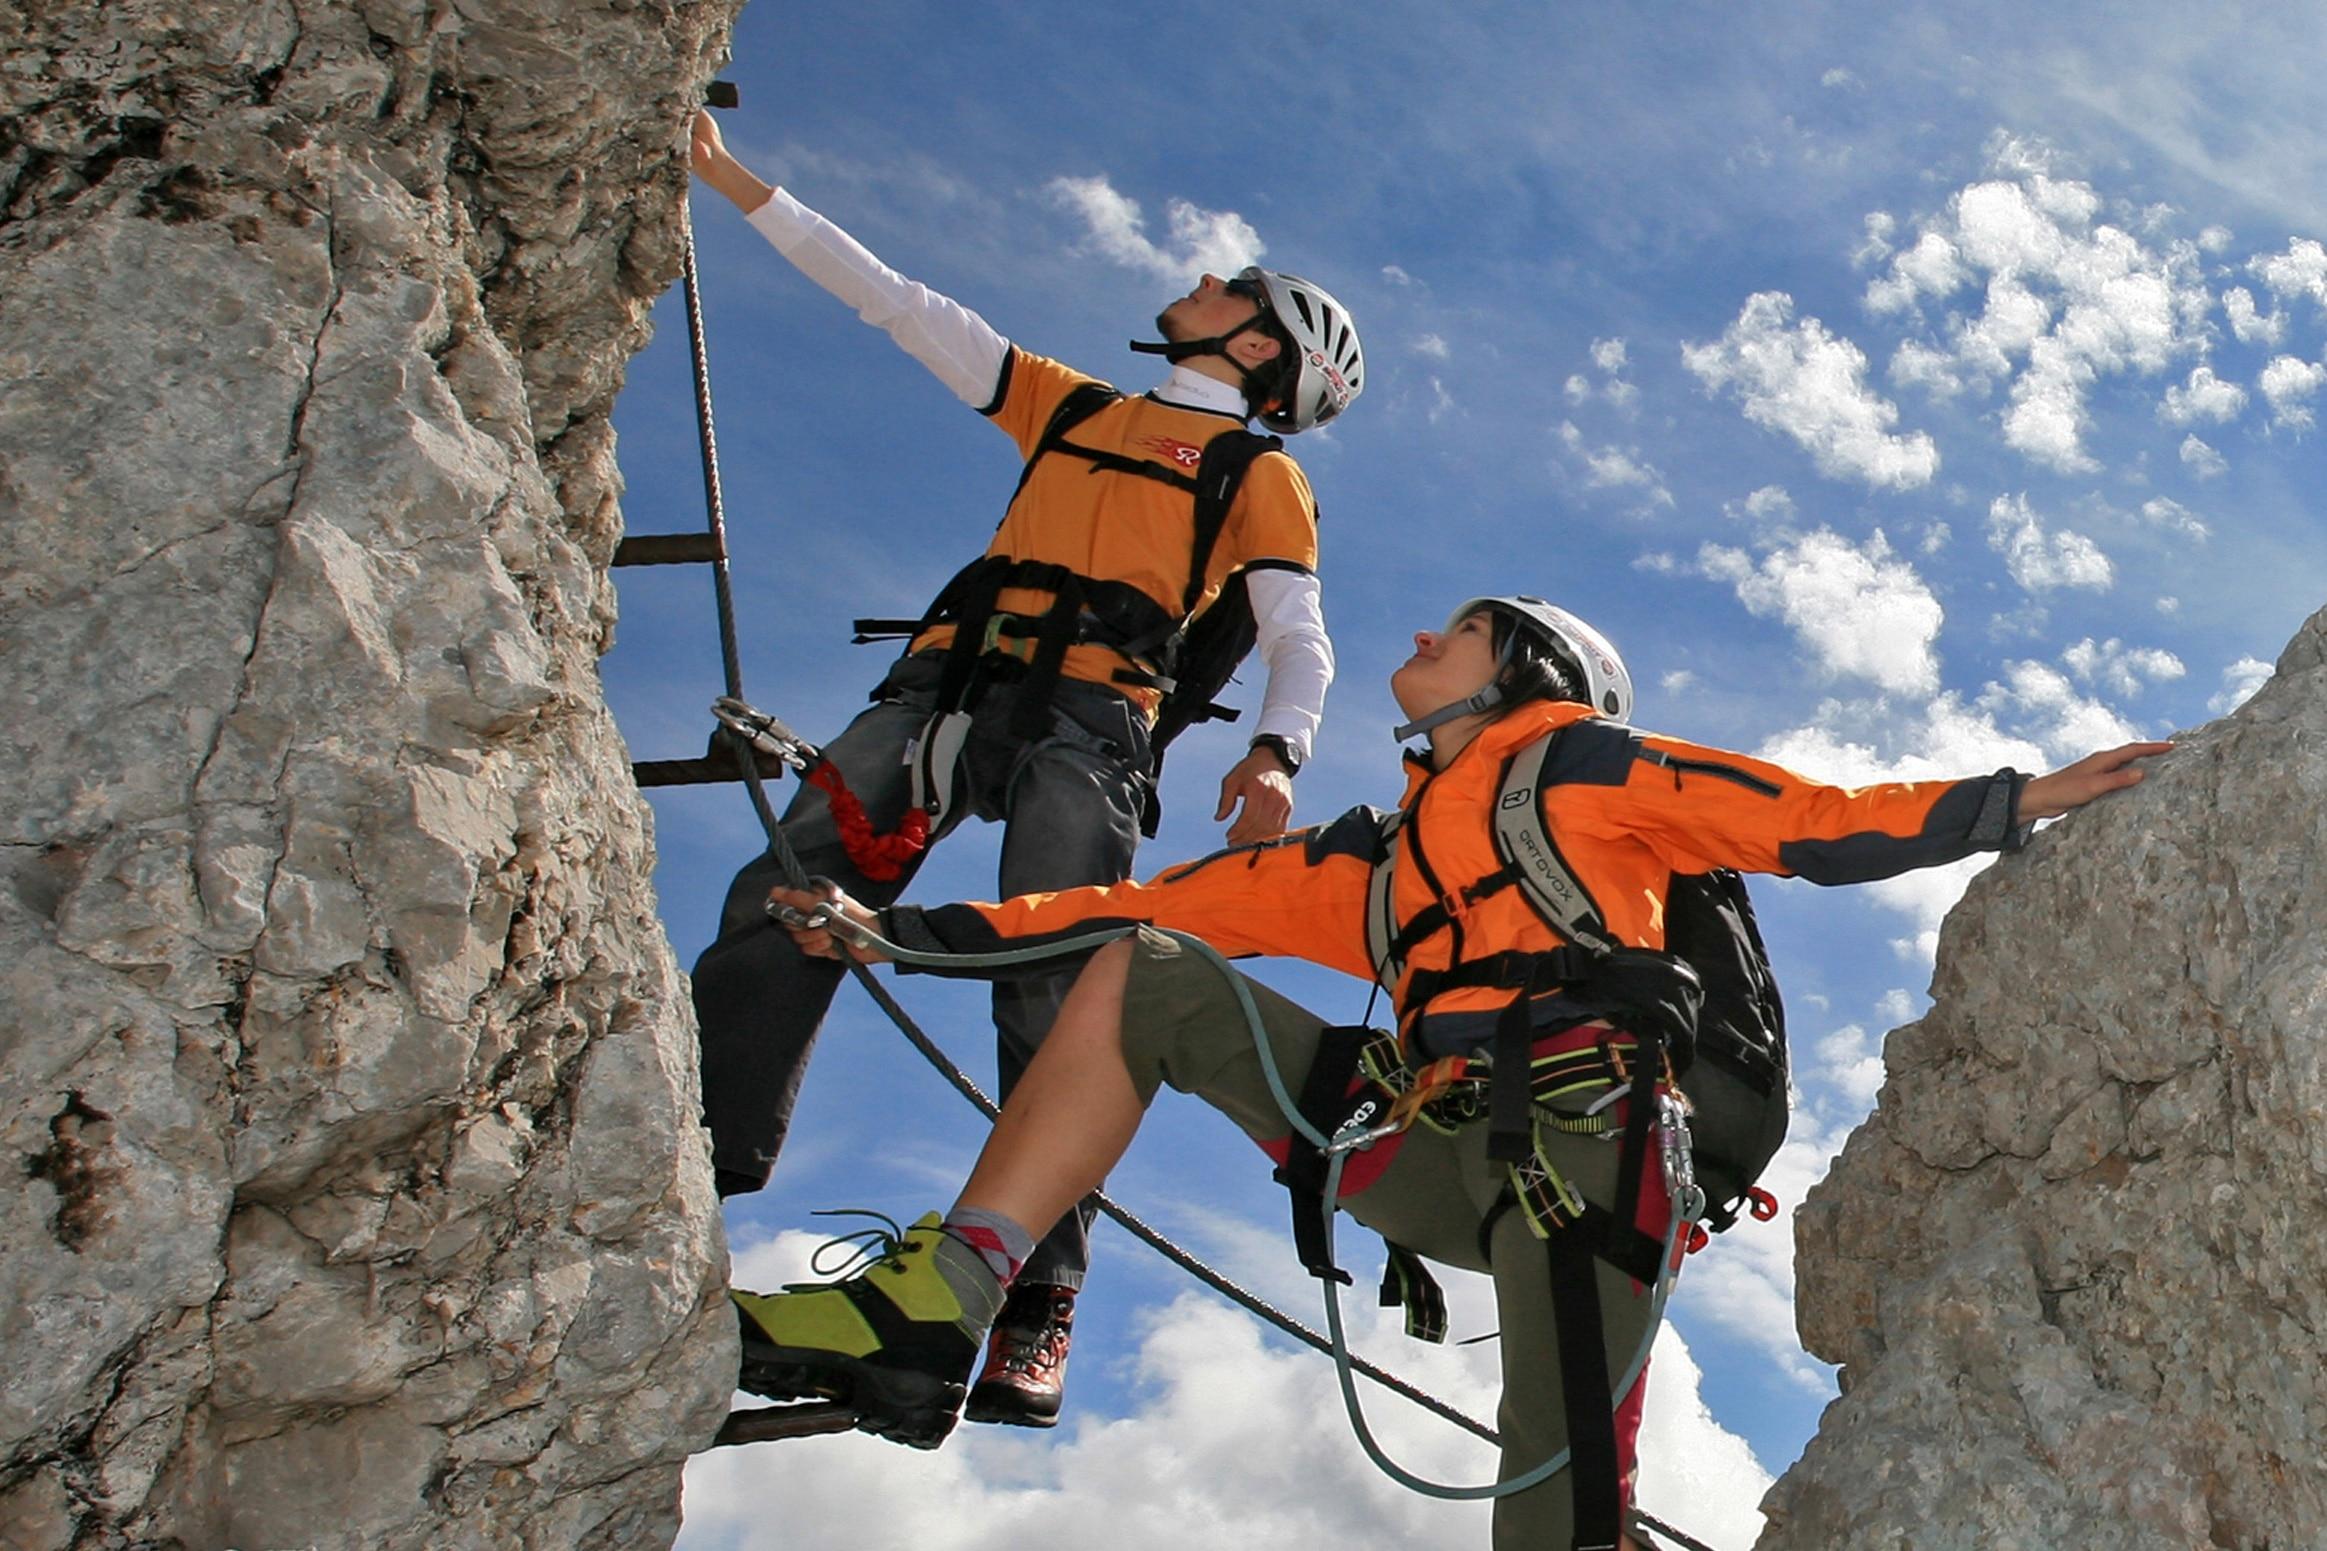 Klettersteig Zauchensee : Diskussion klettersteig boom und sicherheit bergwelten